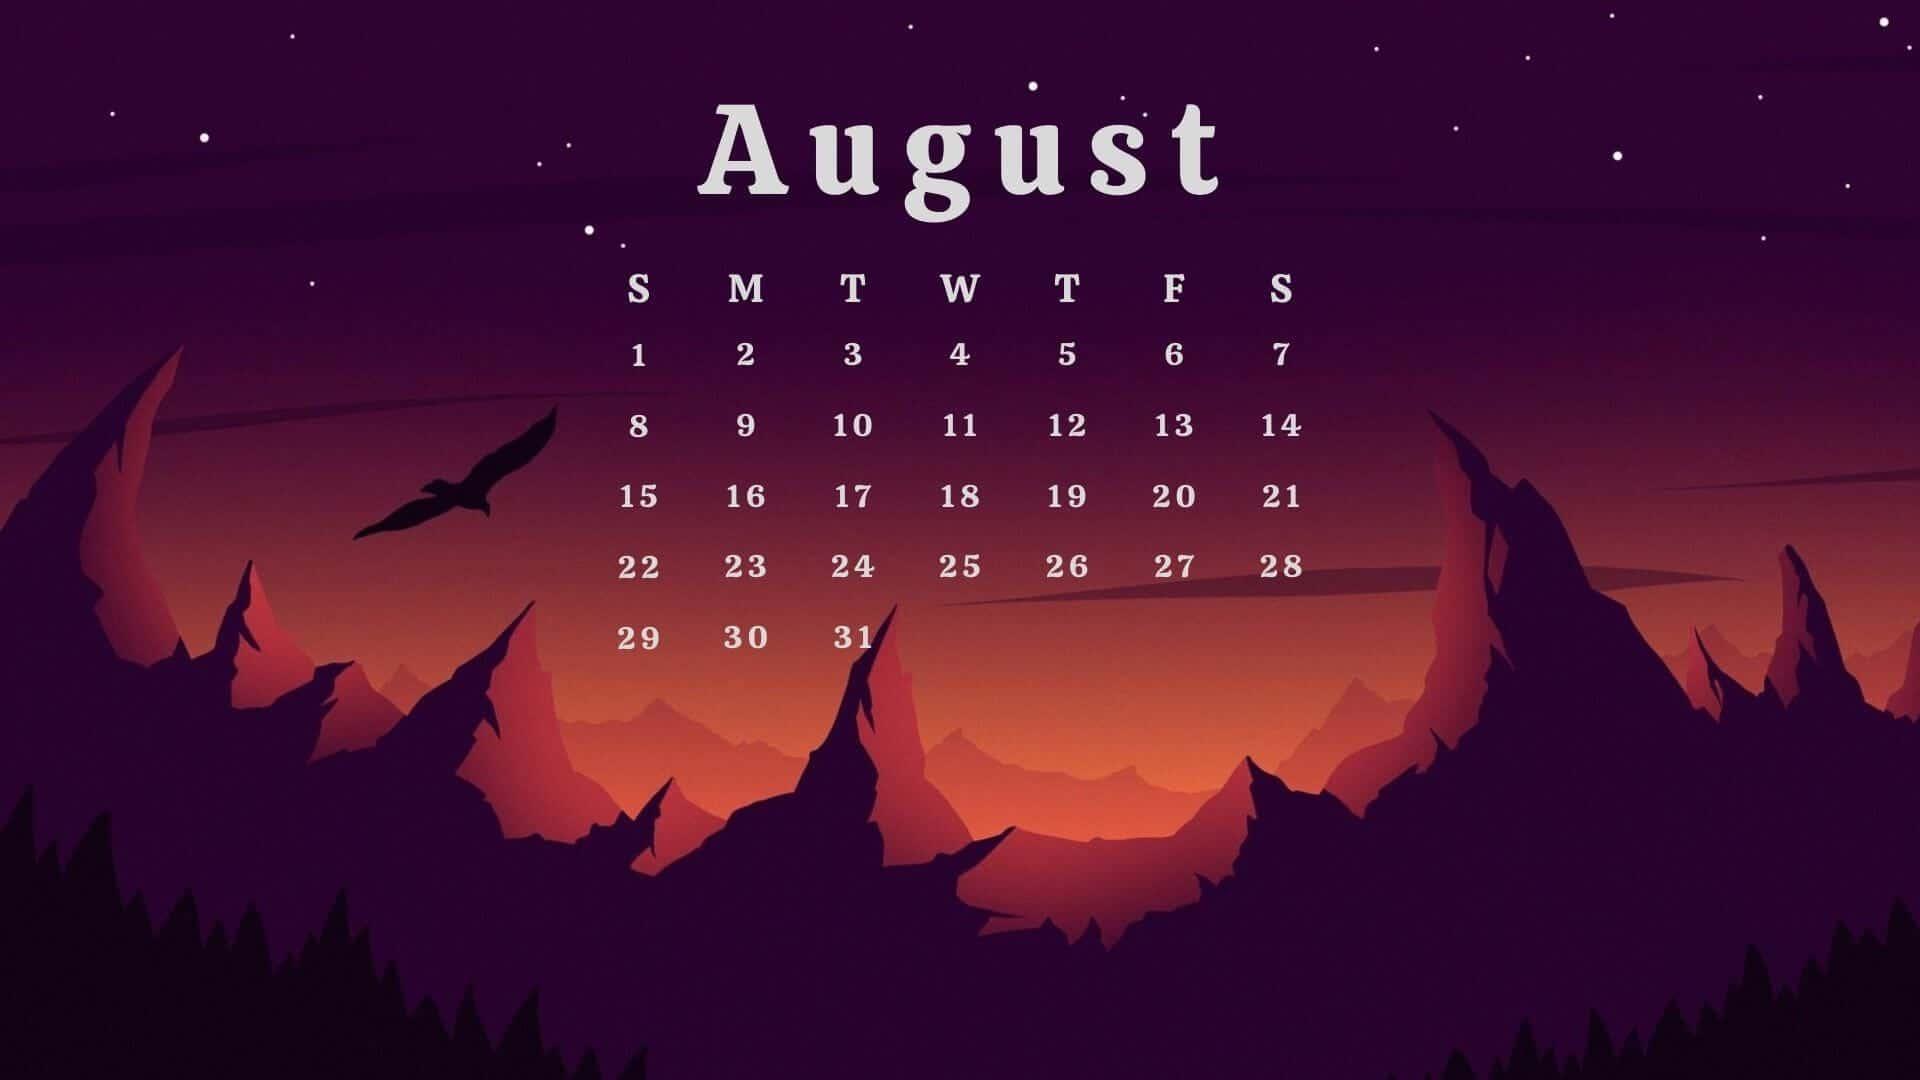 2021 August Calendar Wallpaper